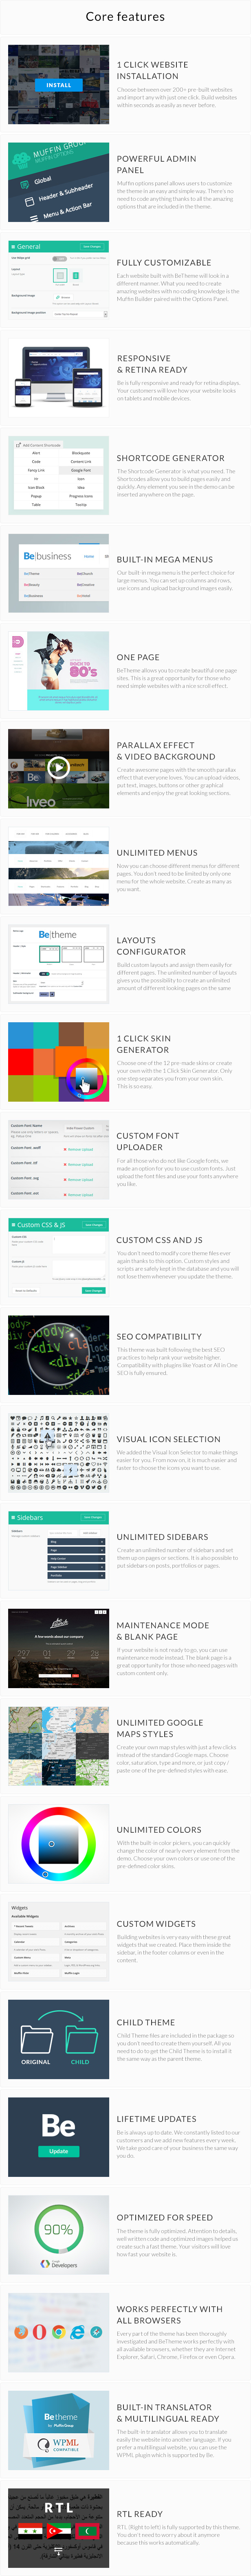 BeTheme - Chủ đề WordPress đa mục đích đáp ứng - 12